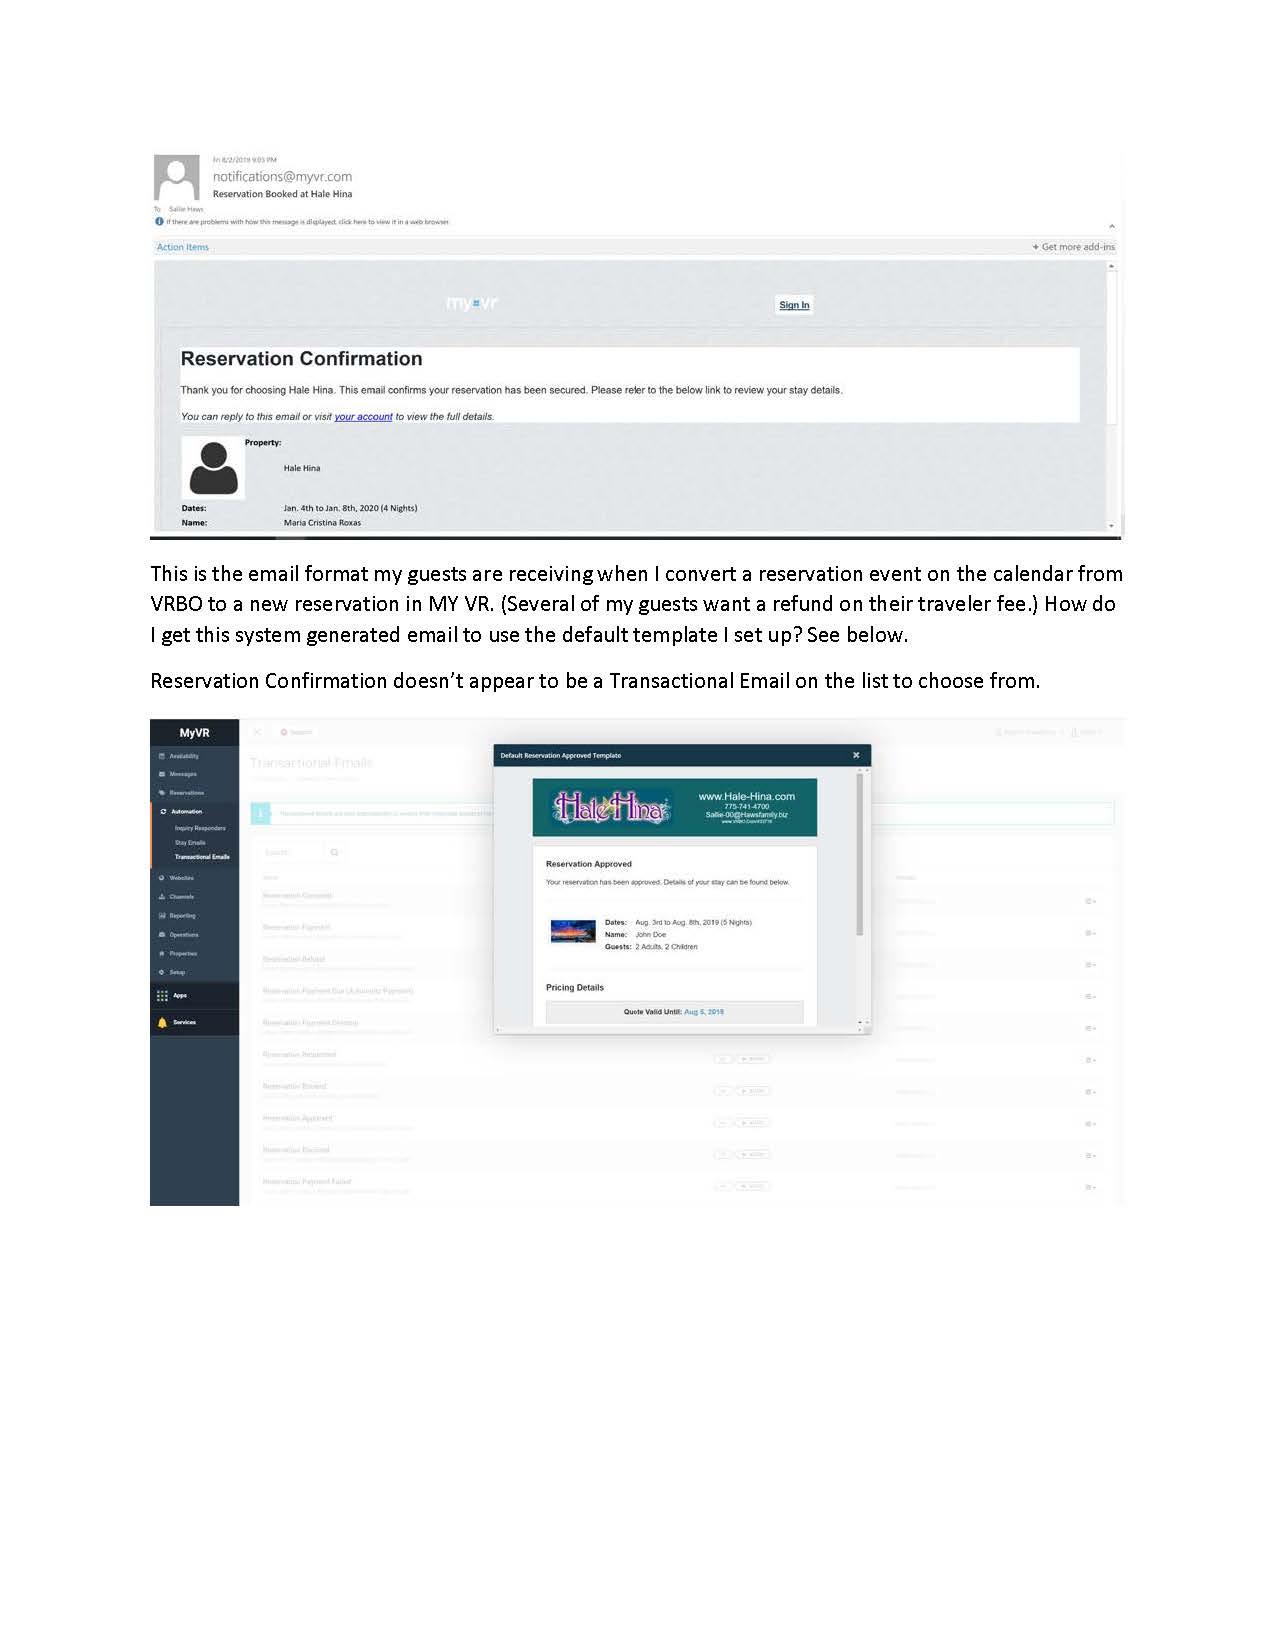 0_1564862218304_ReservationConfirmationTemplate.jpg